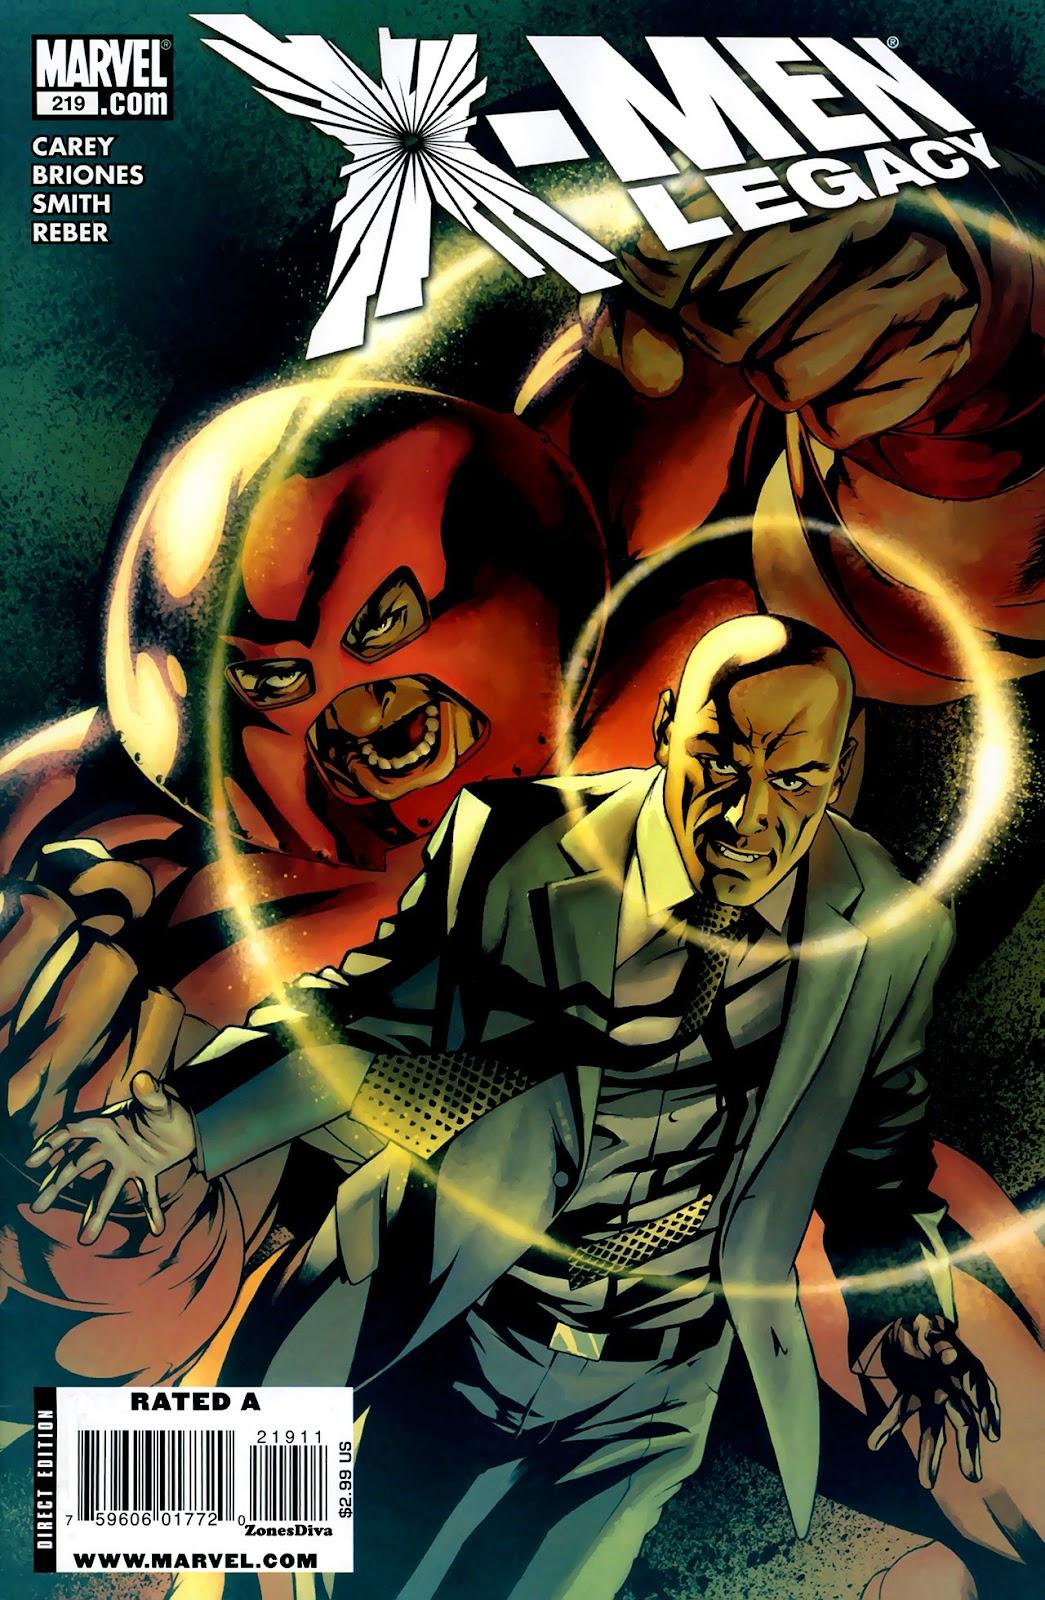 X-Men Legacy (2008) 219 Page 1